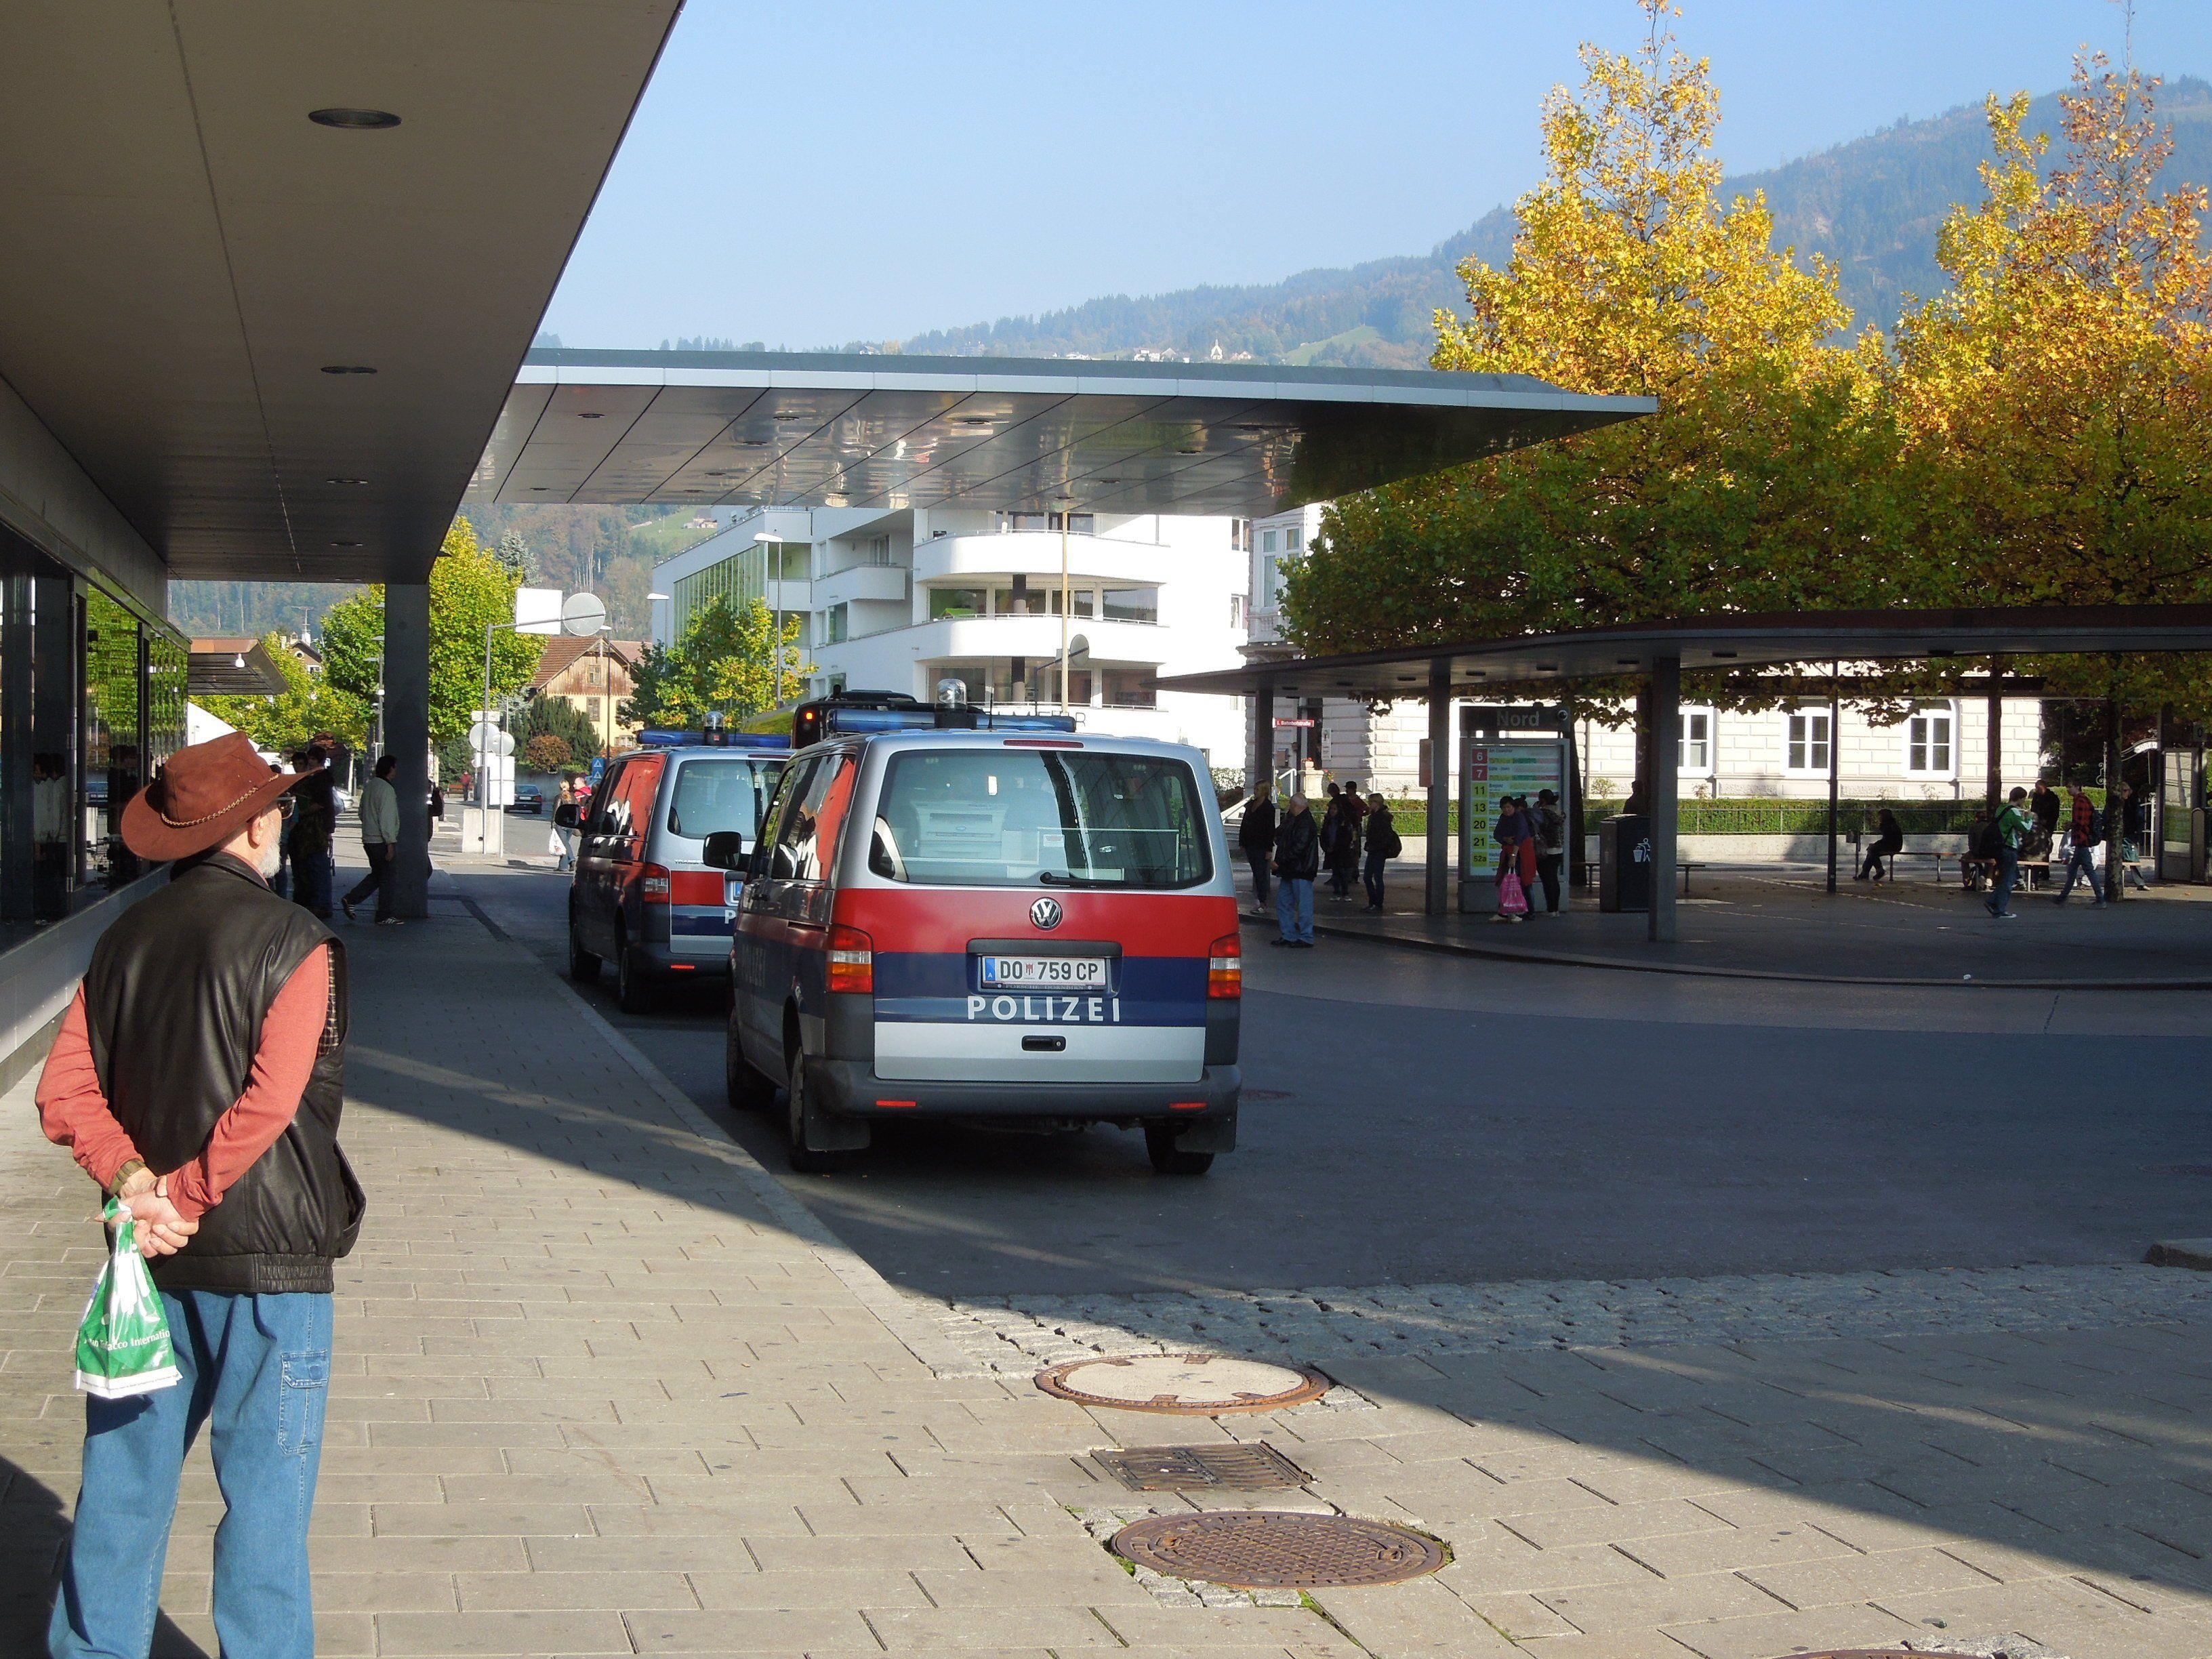 Kein ungewohntes Bild auf dem Bahnhofsgelände in Dornbirn: Einsatzwagen der Polizei, die hier öfters einschreiten muss.